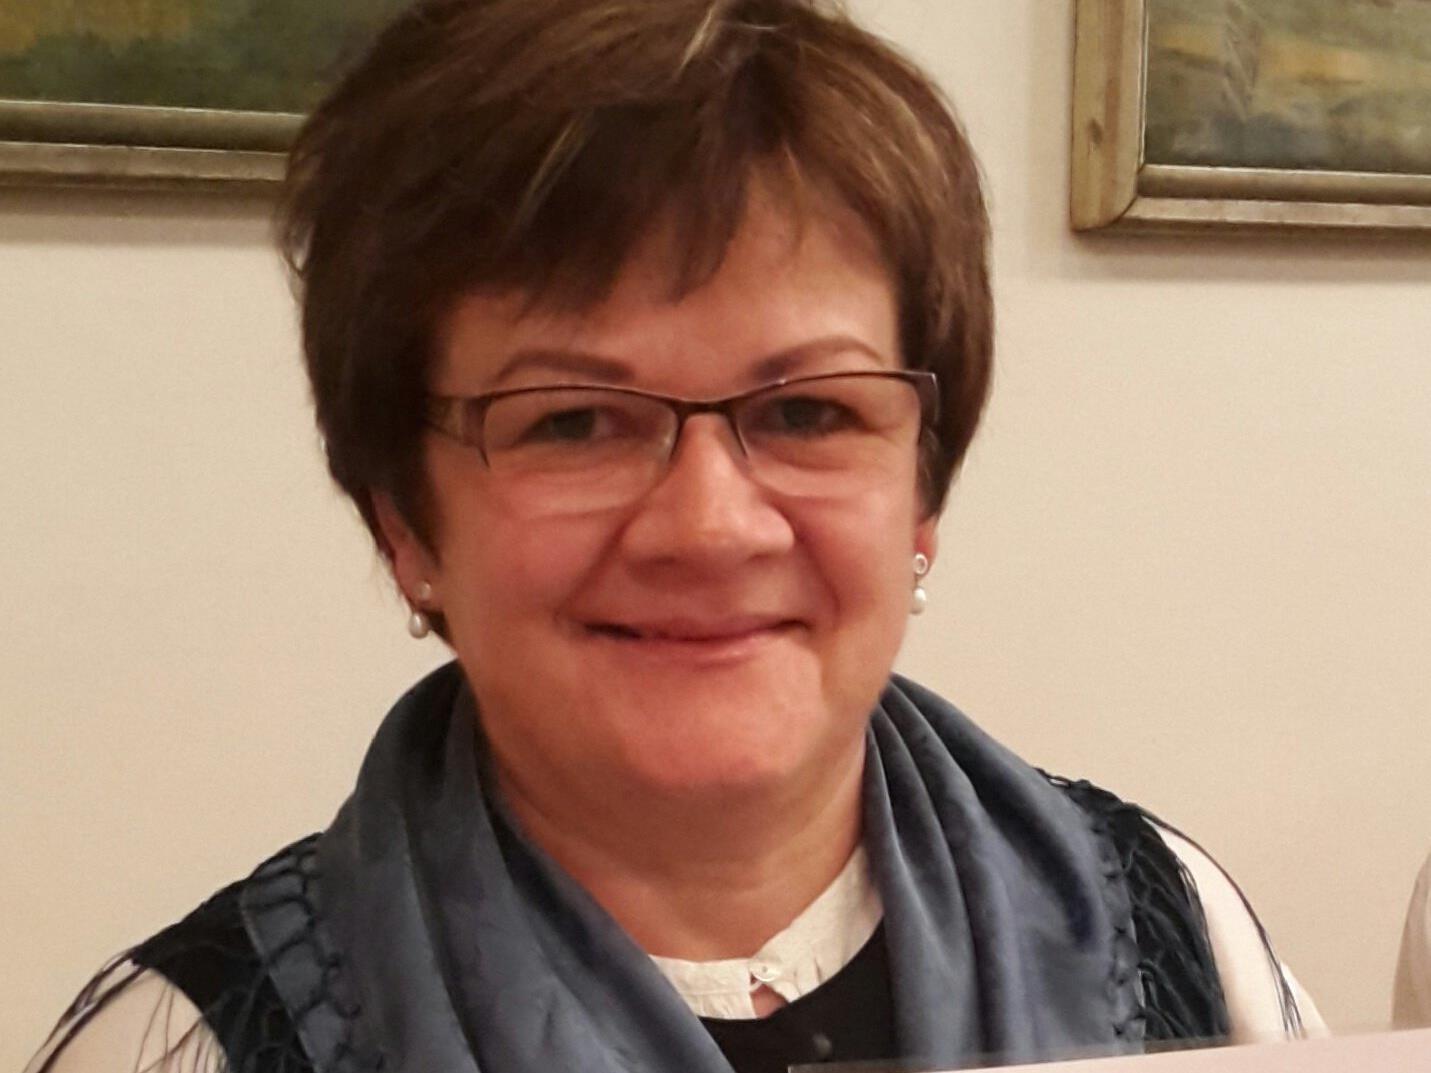 Trachtenobfrau Ulrike Bitschnau erhielt kürzlich das silberne Verdienstzeichen des Bundes österreichischer Trachten- und Heimatverbände